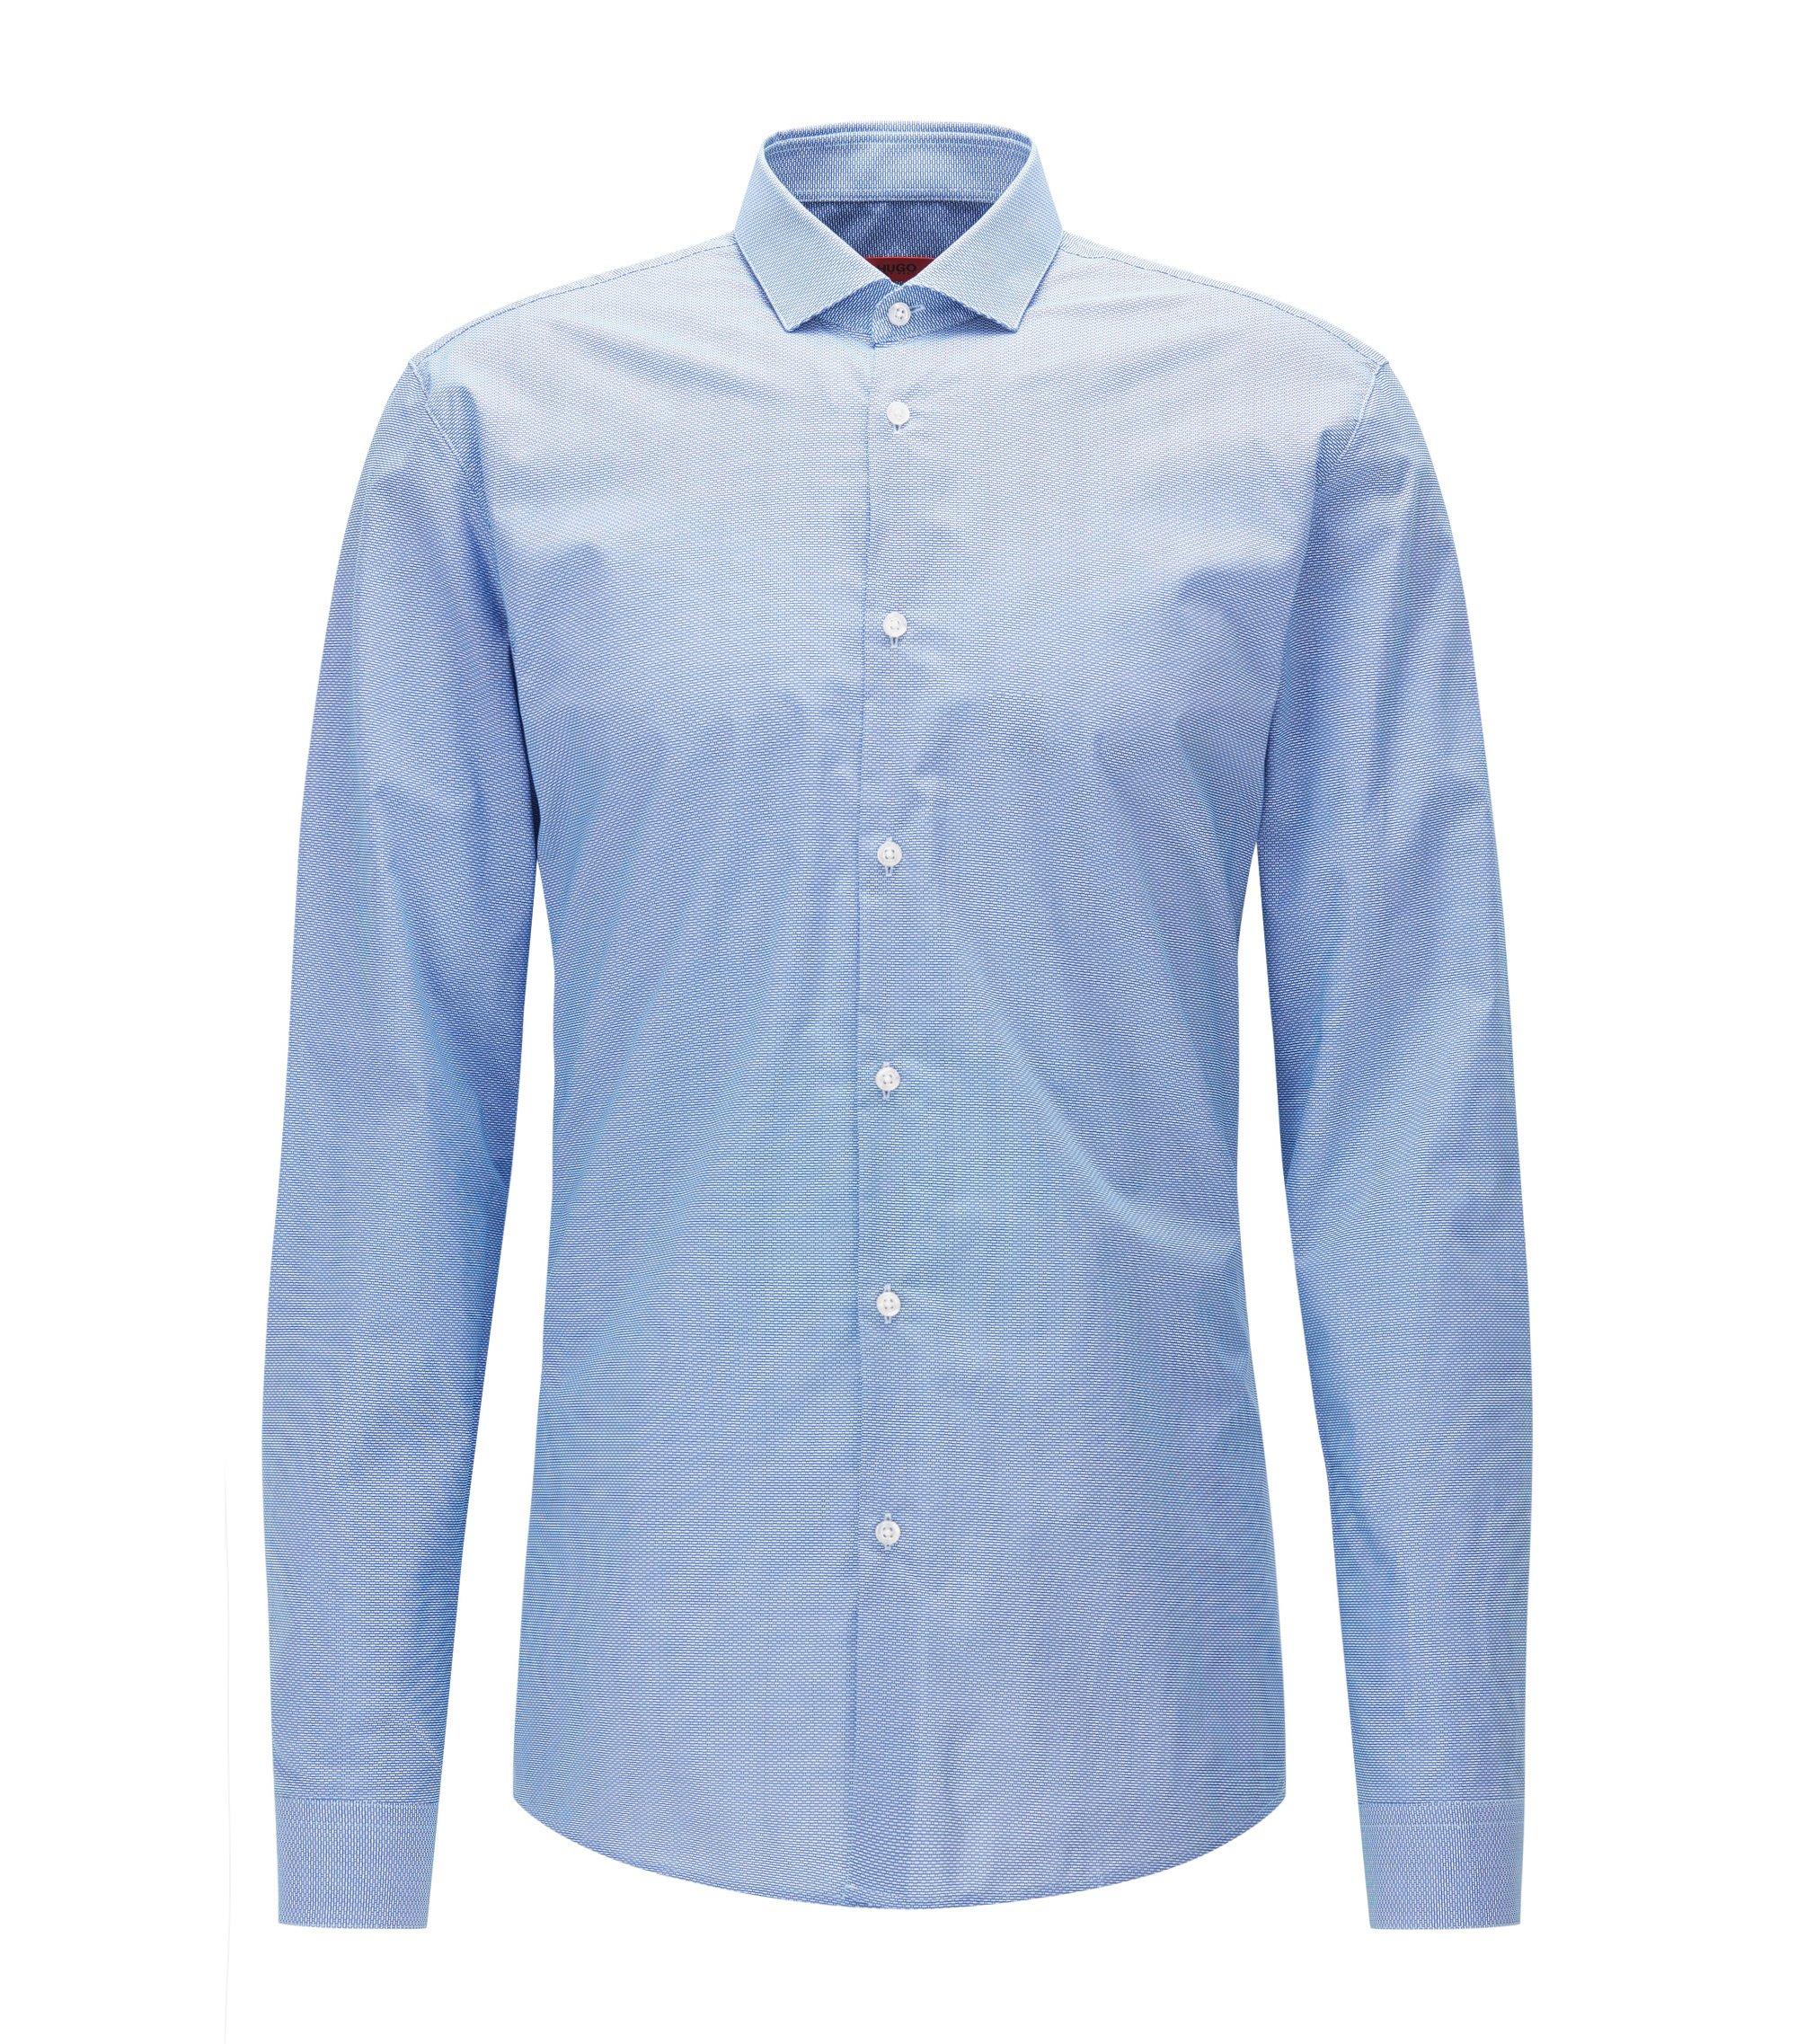 Fein gemustertes Slim-Fit Hemd aus Baumwoll-Popeline, Hellblau